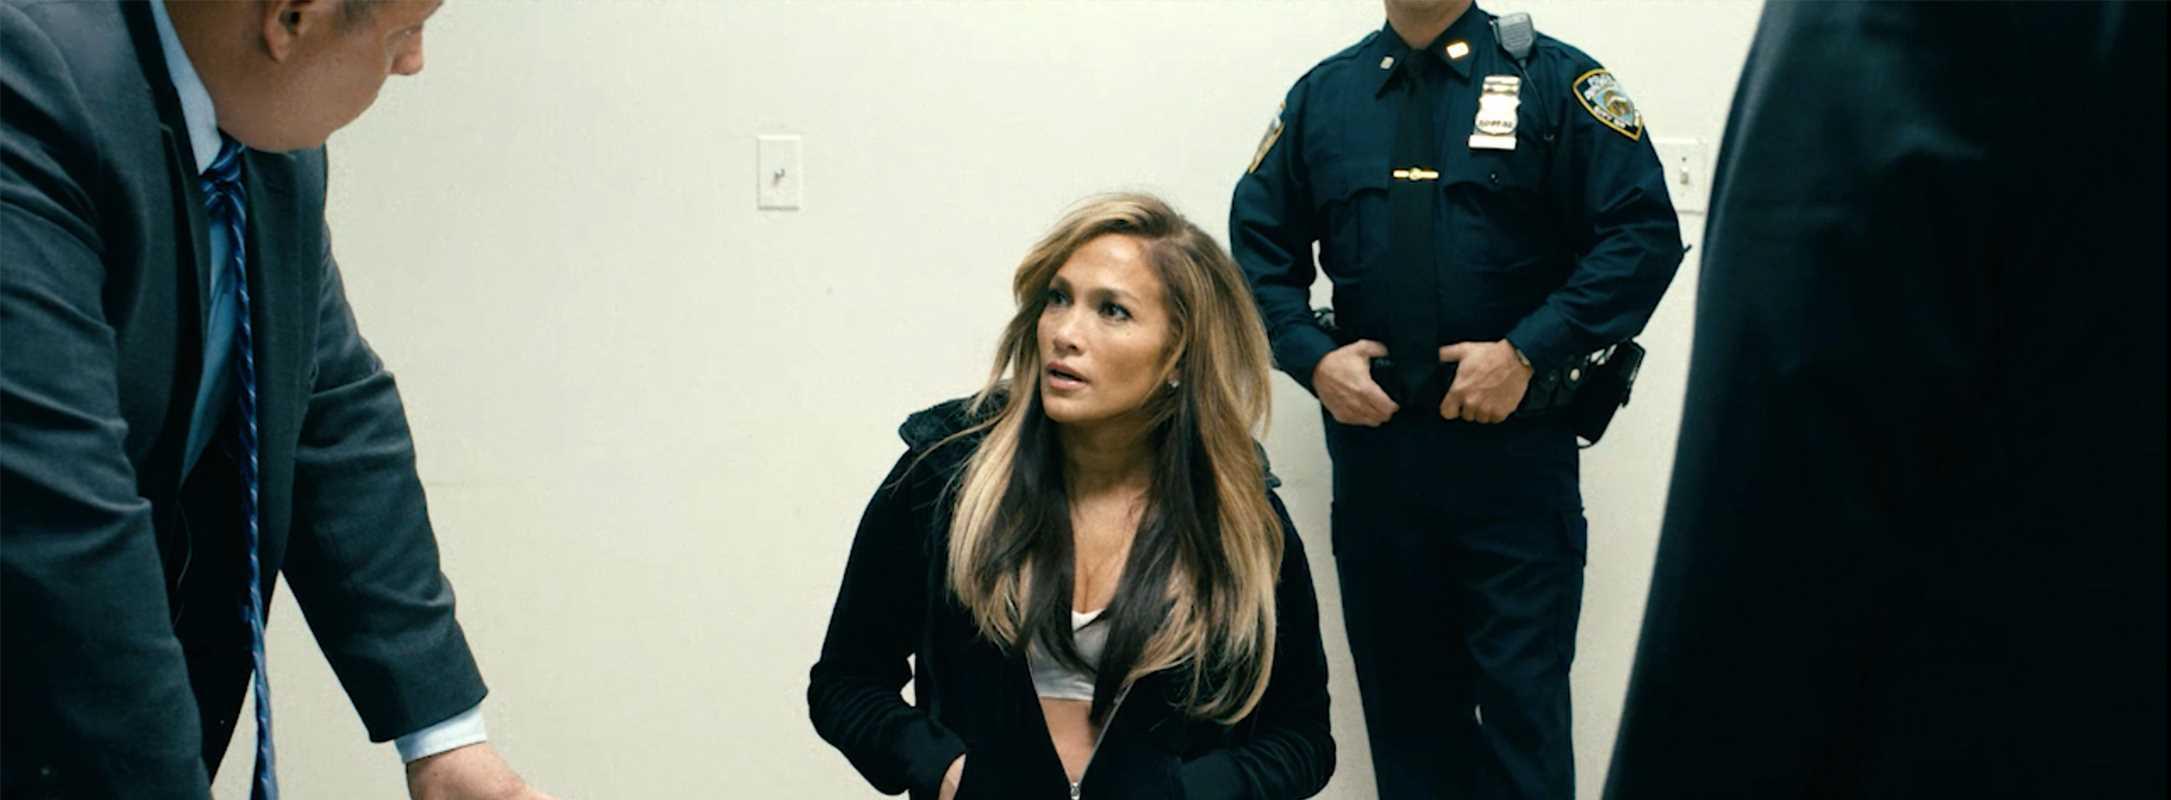 Jennifer Lopez, Cardi B play strippers in Hustlers trailer